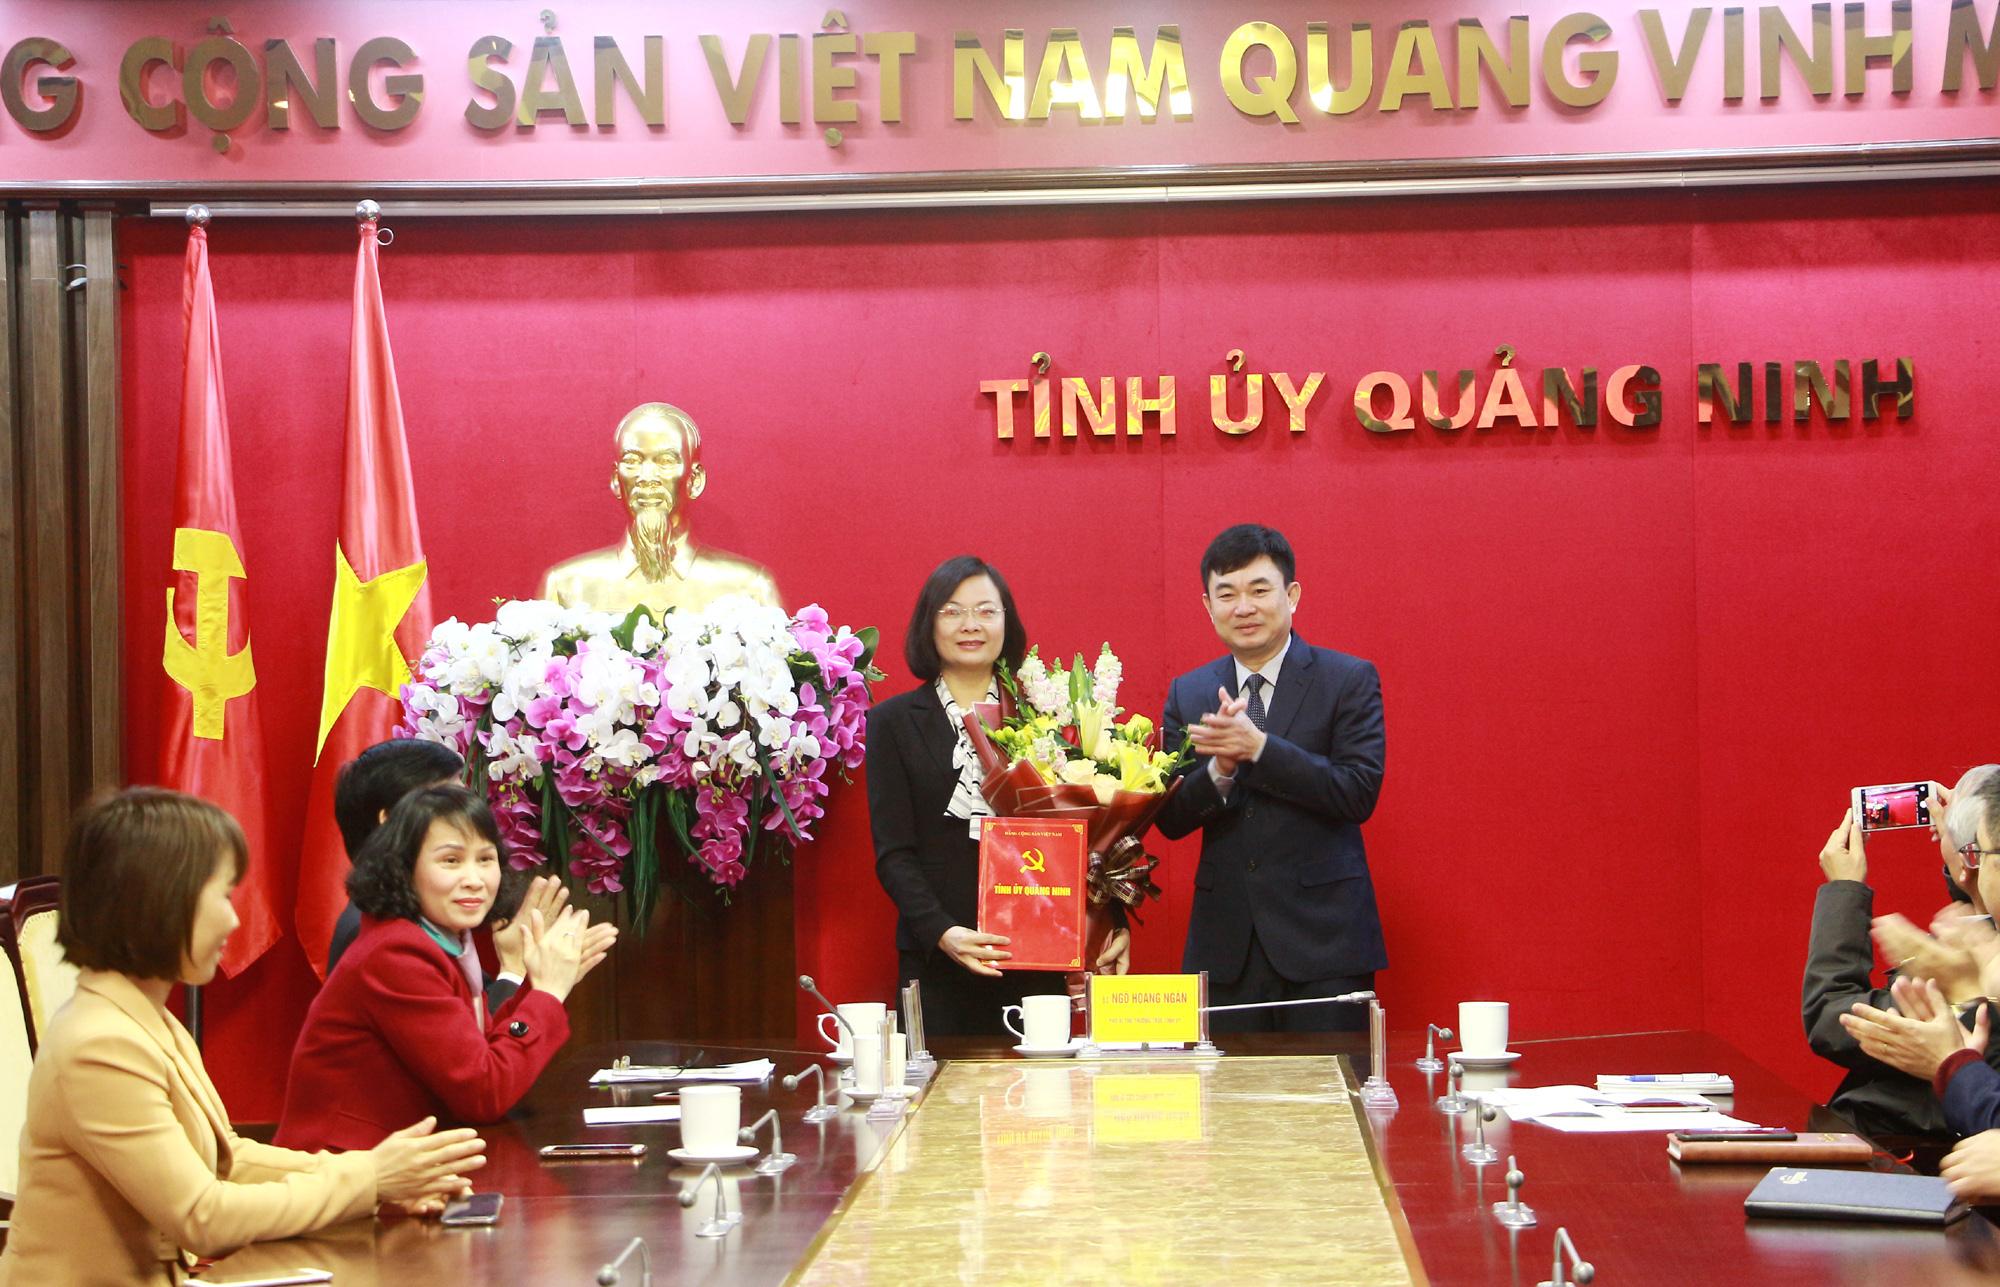 Quảng Ninh: Bổ nhiệm Phó Chủ tịch Hội LHPN làm Phó Chánh Văn phòng Tỉnh ủy - Ảnh 1.